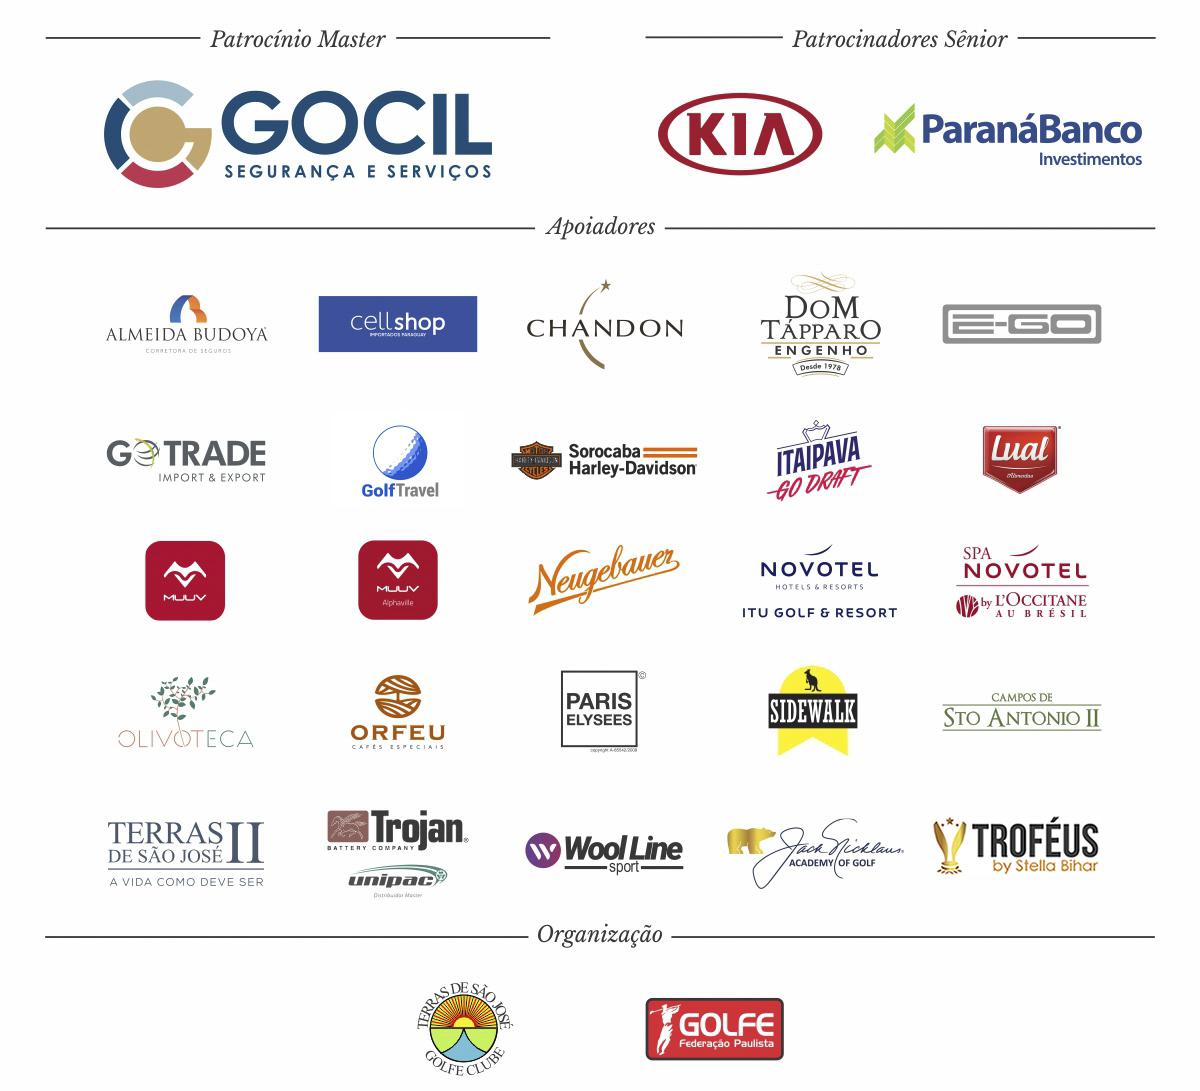 Patrocinadore TSJGC 2018